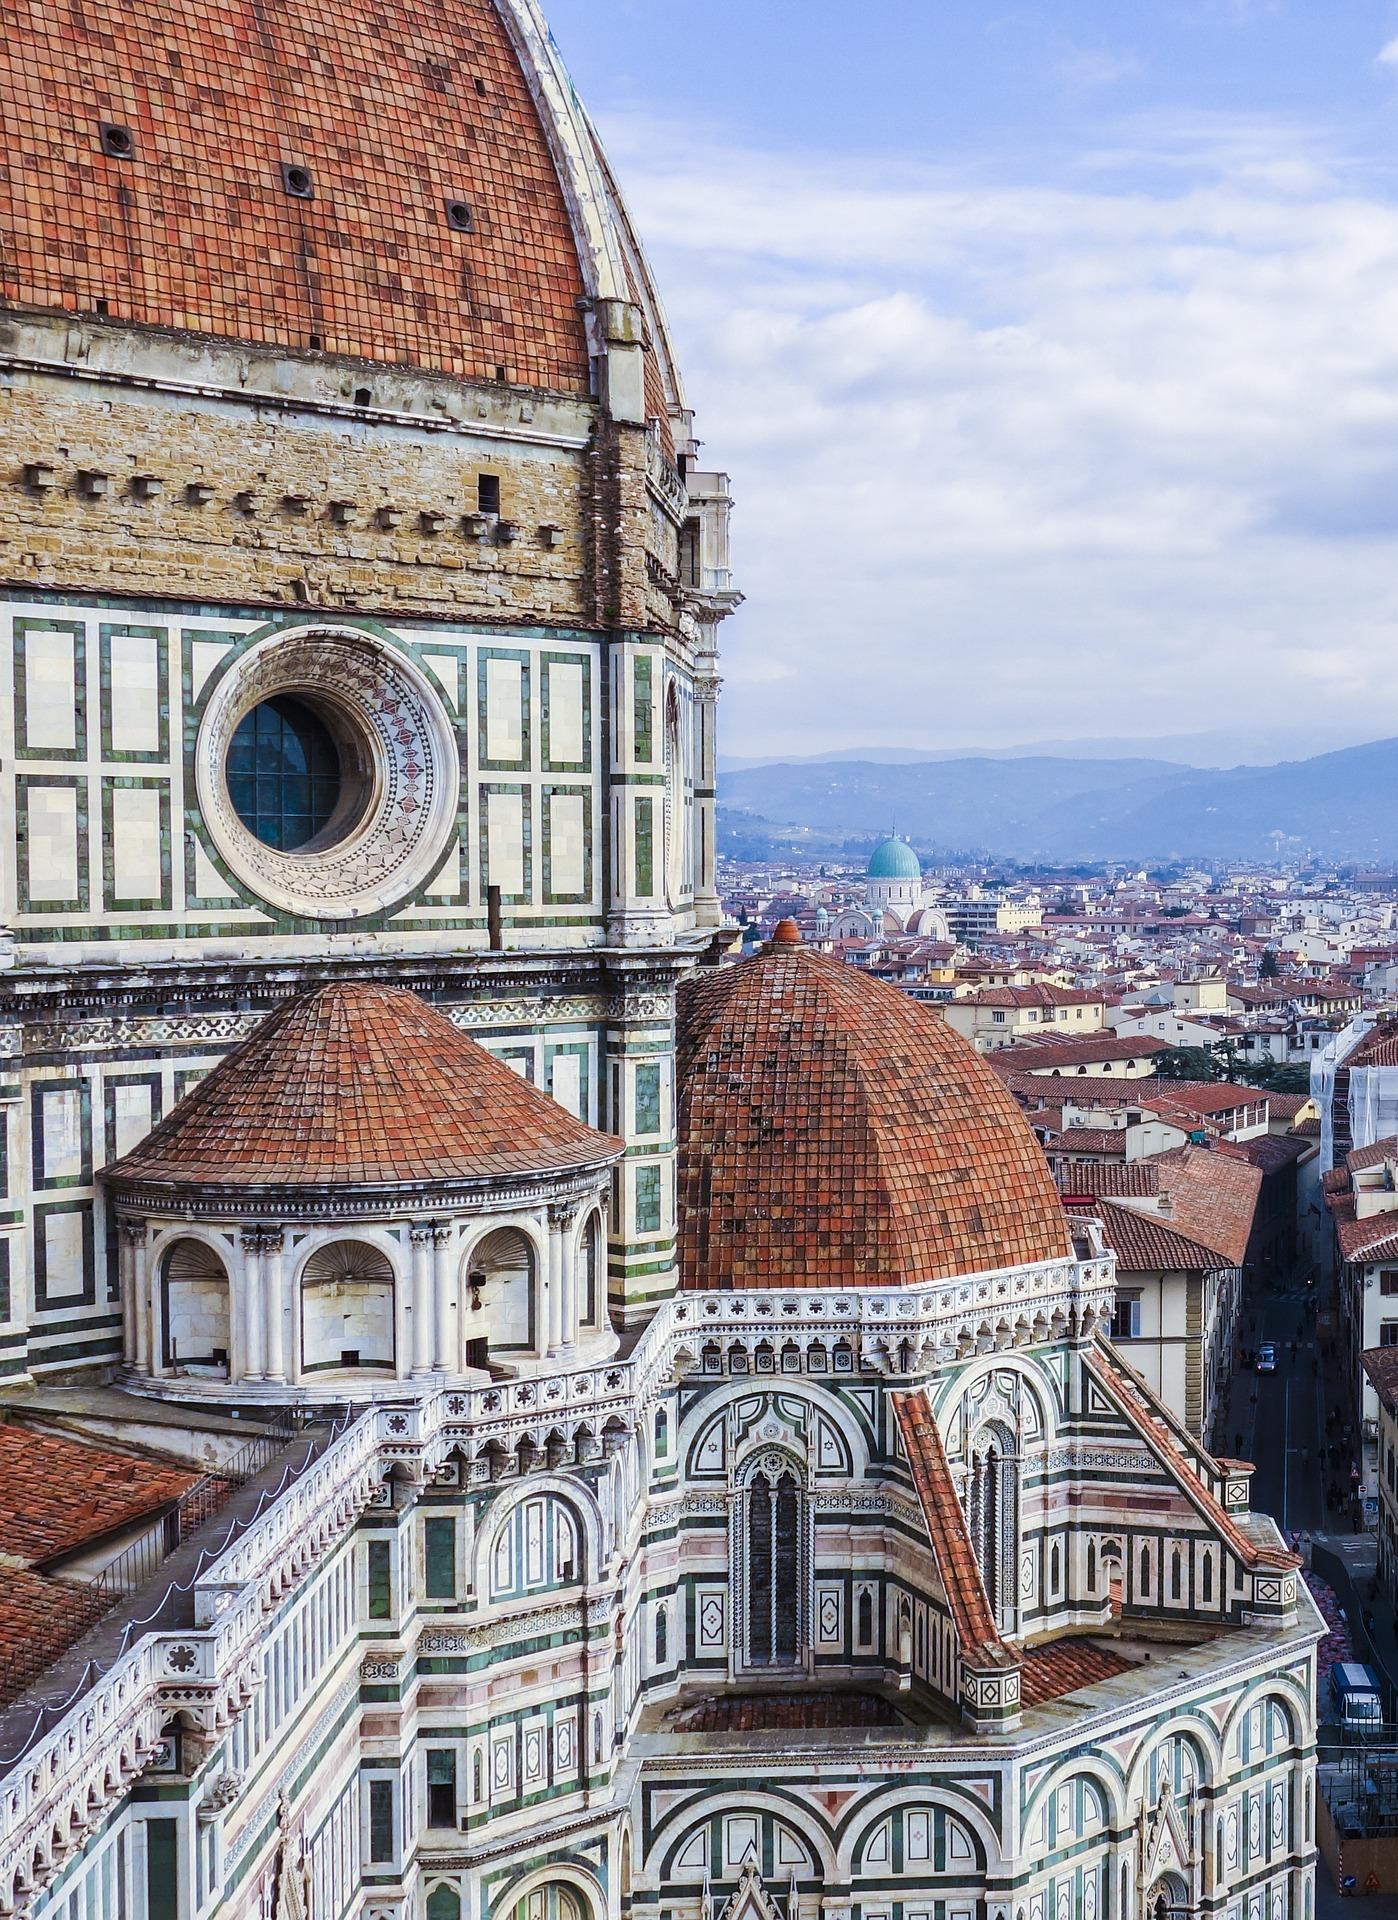 Vislumbre da catedral de Florença